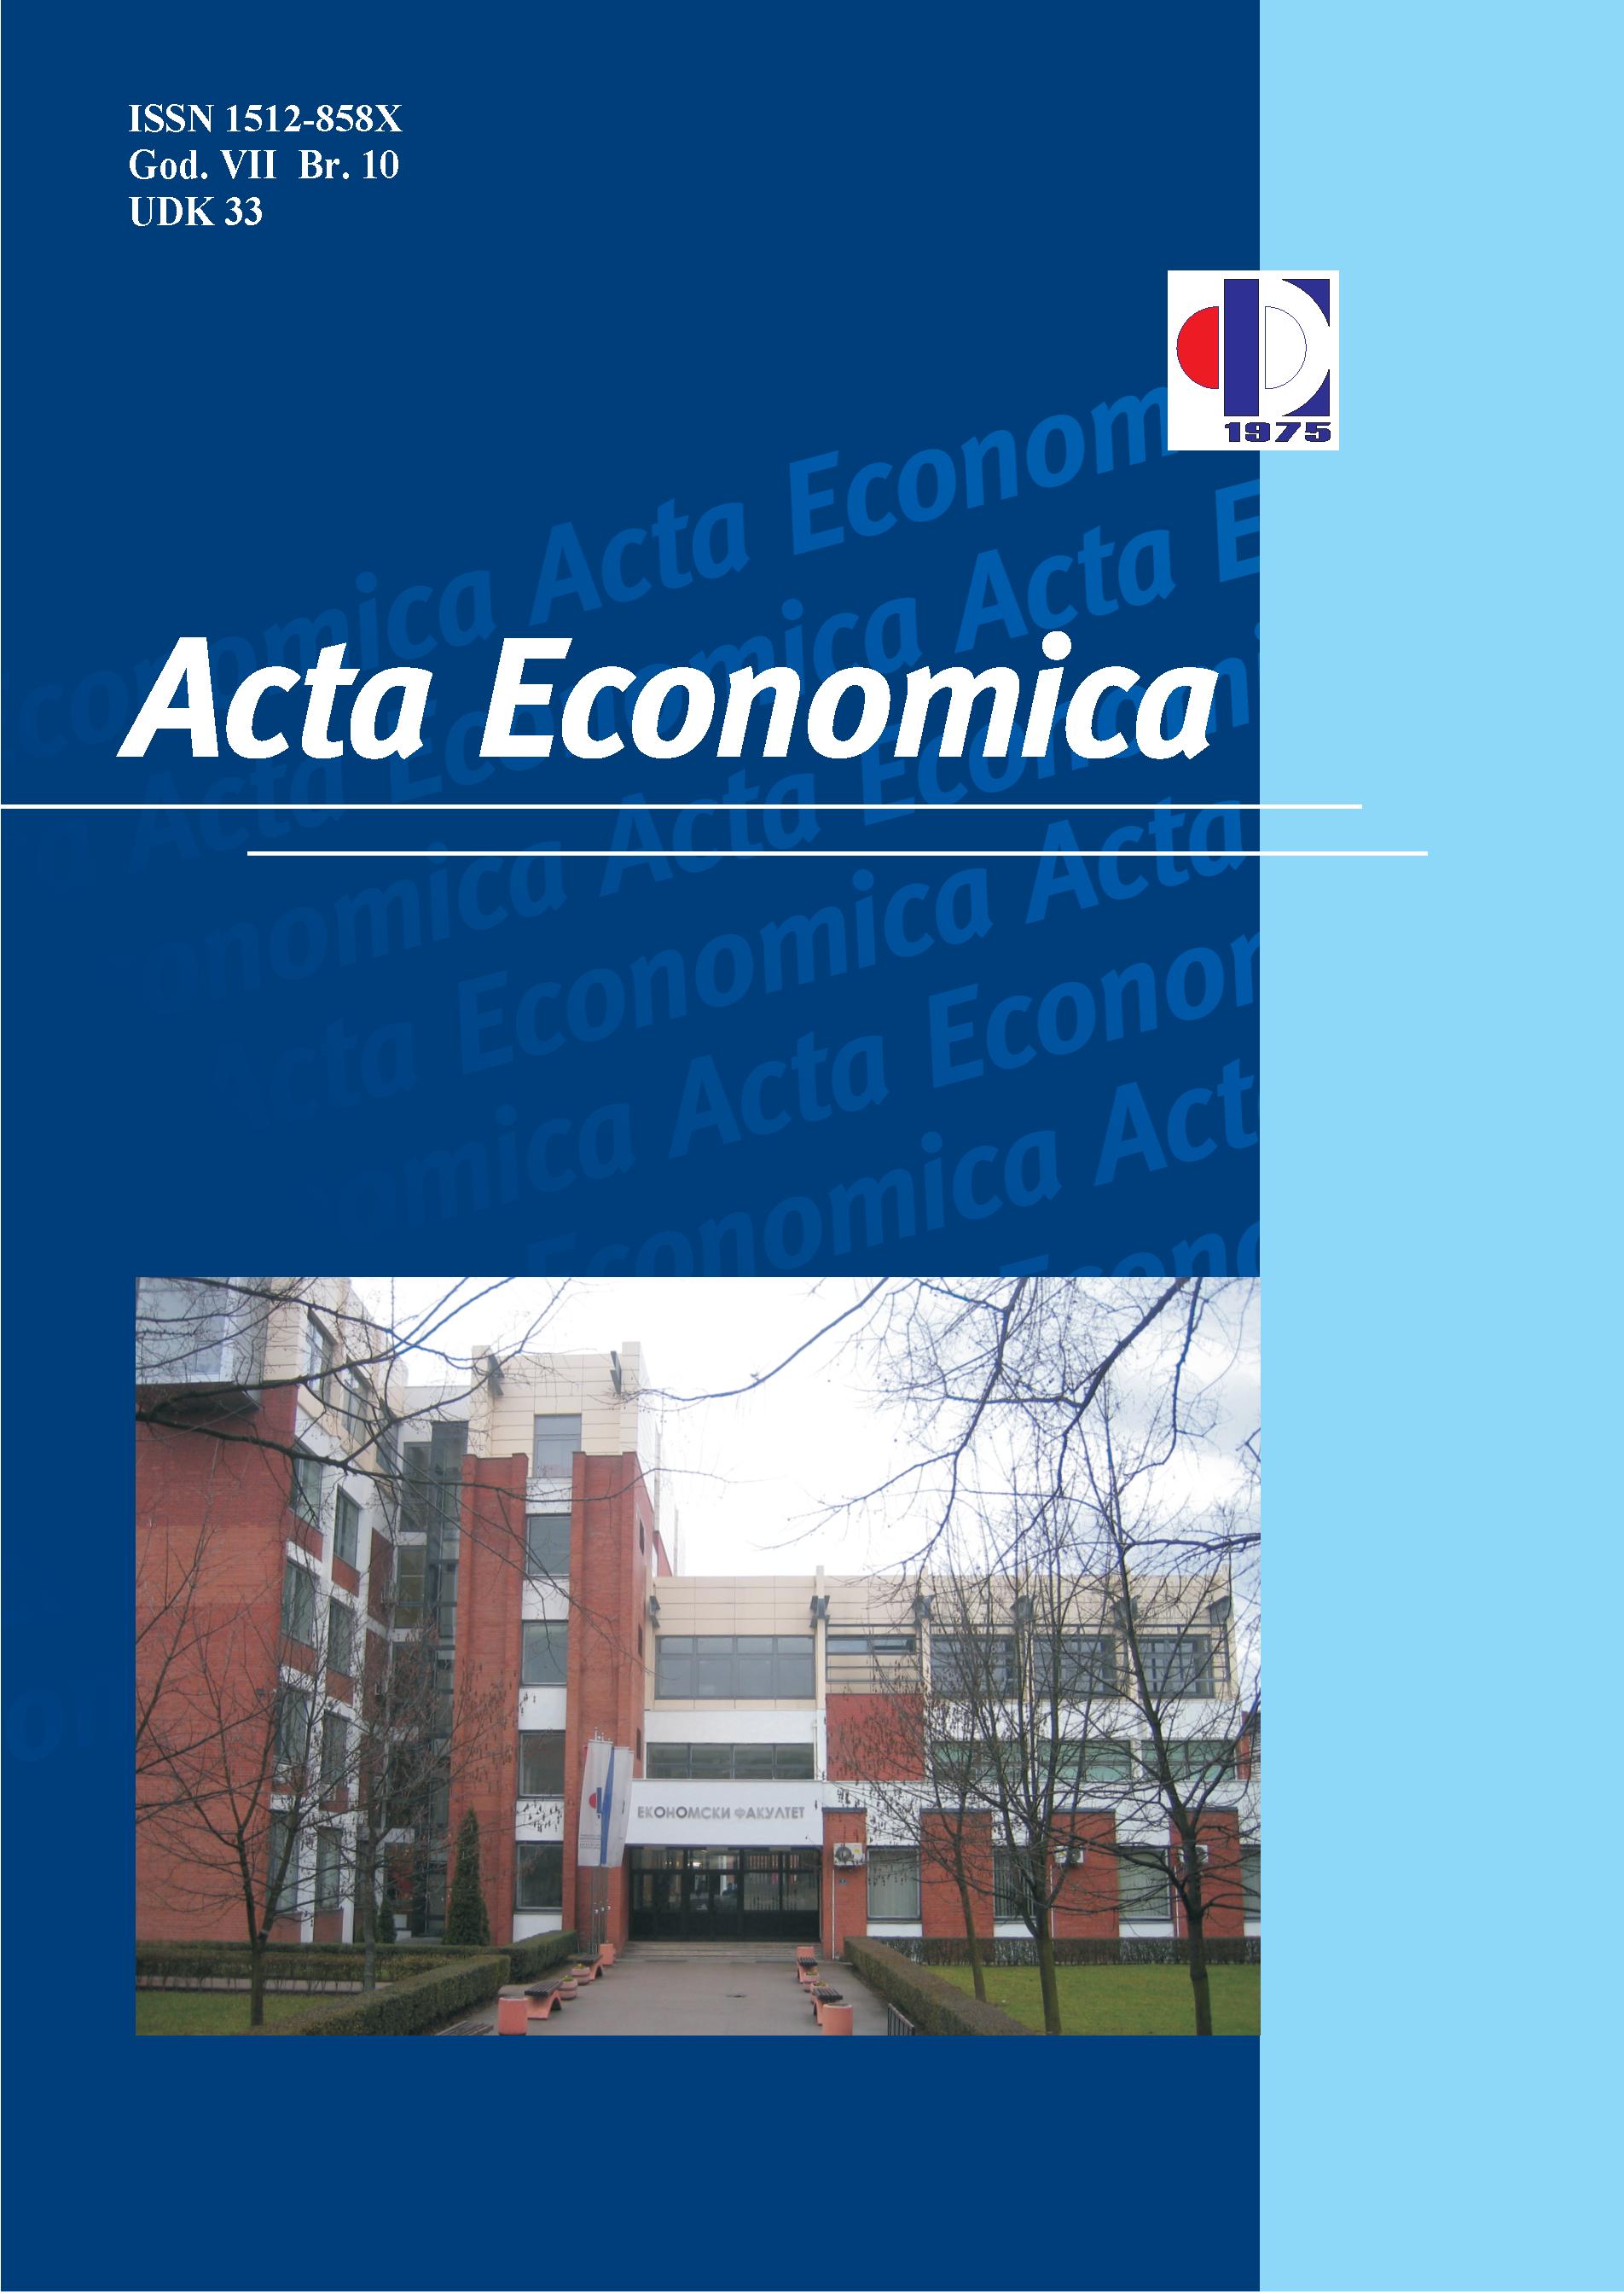 View Vol. 10 No. 17 (2012): Acta Economica